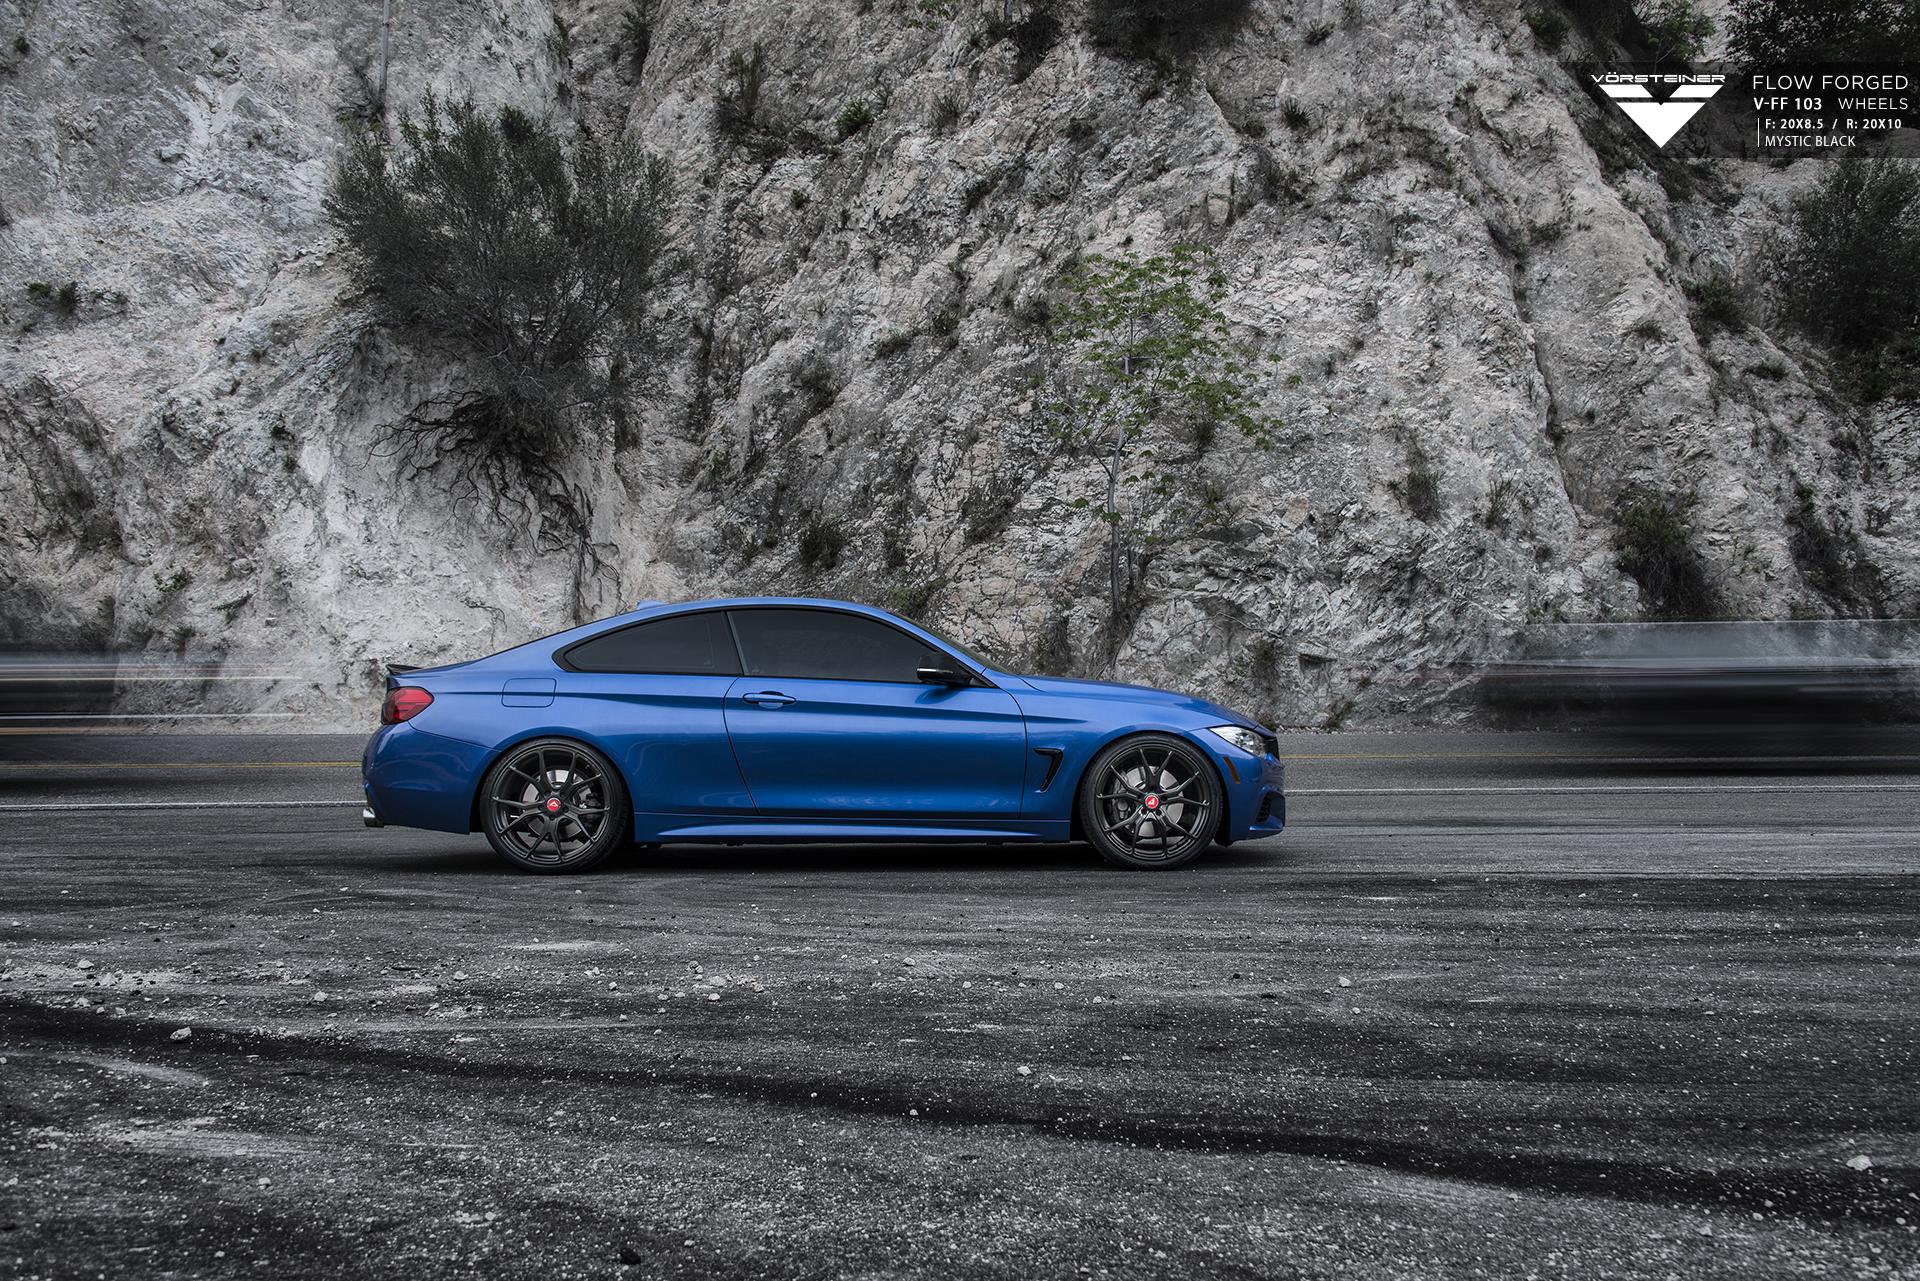 Estoril Blue BMW 4 Series With Vorsteiner Wheels Installed By VIBE Motorsports 2